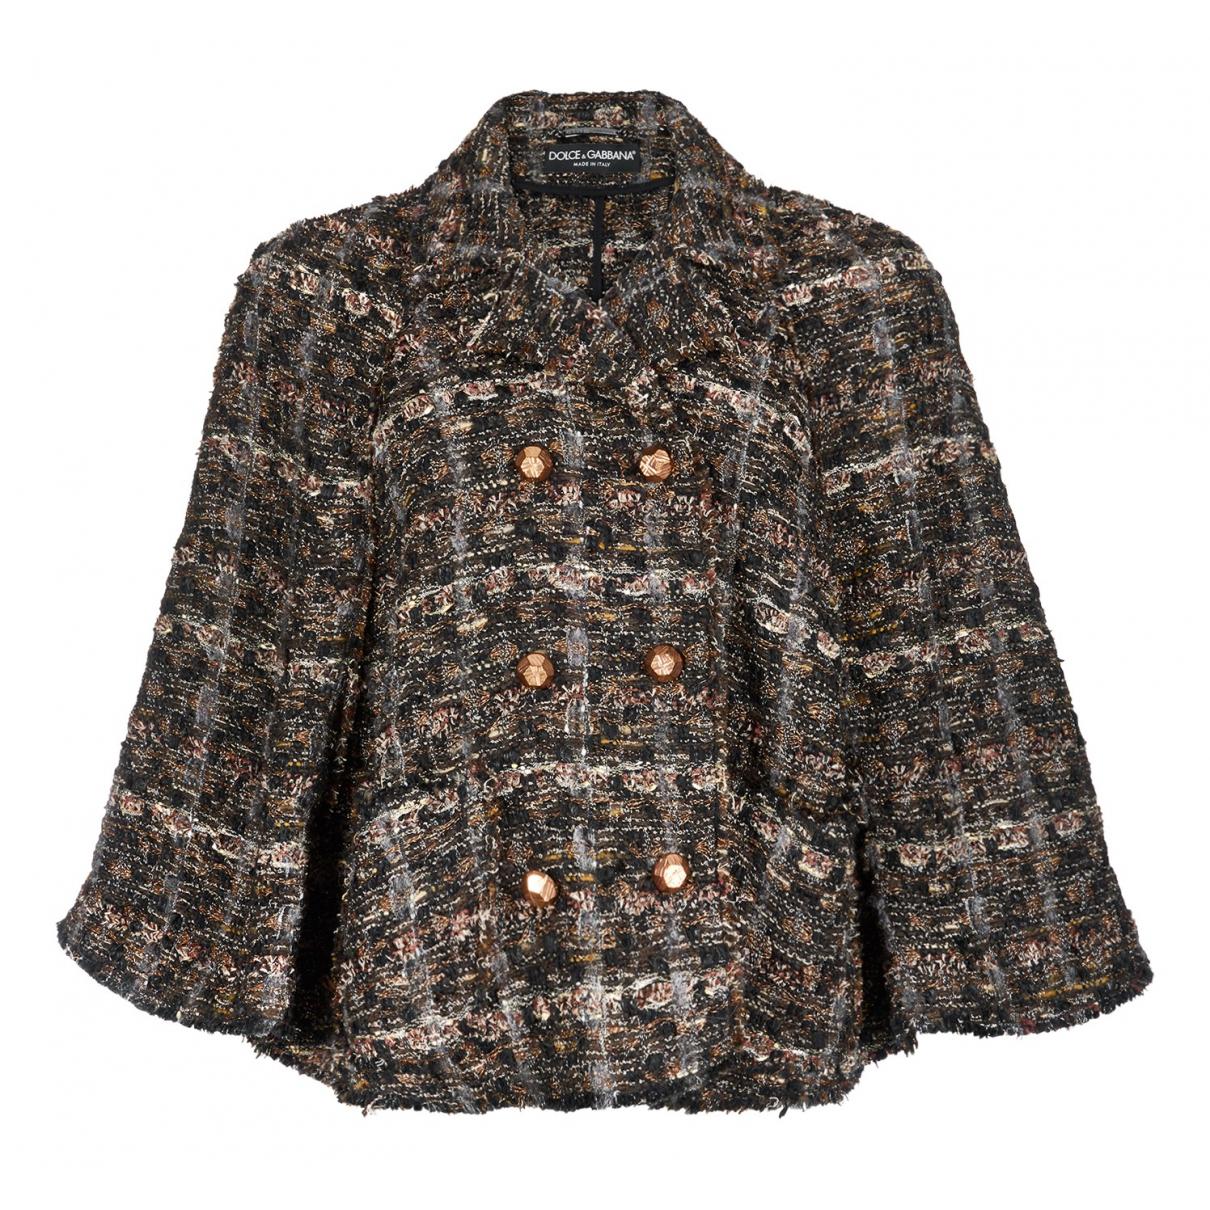 Dolce & Gabbana - Veste   pour femme - marron